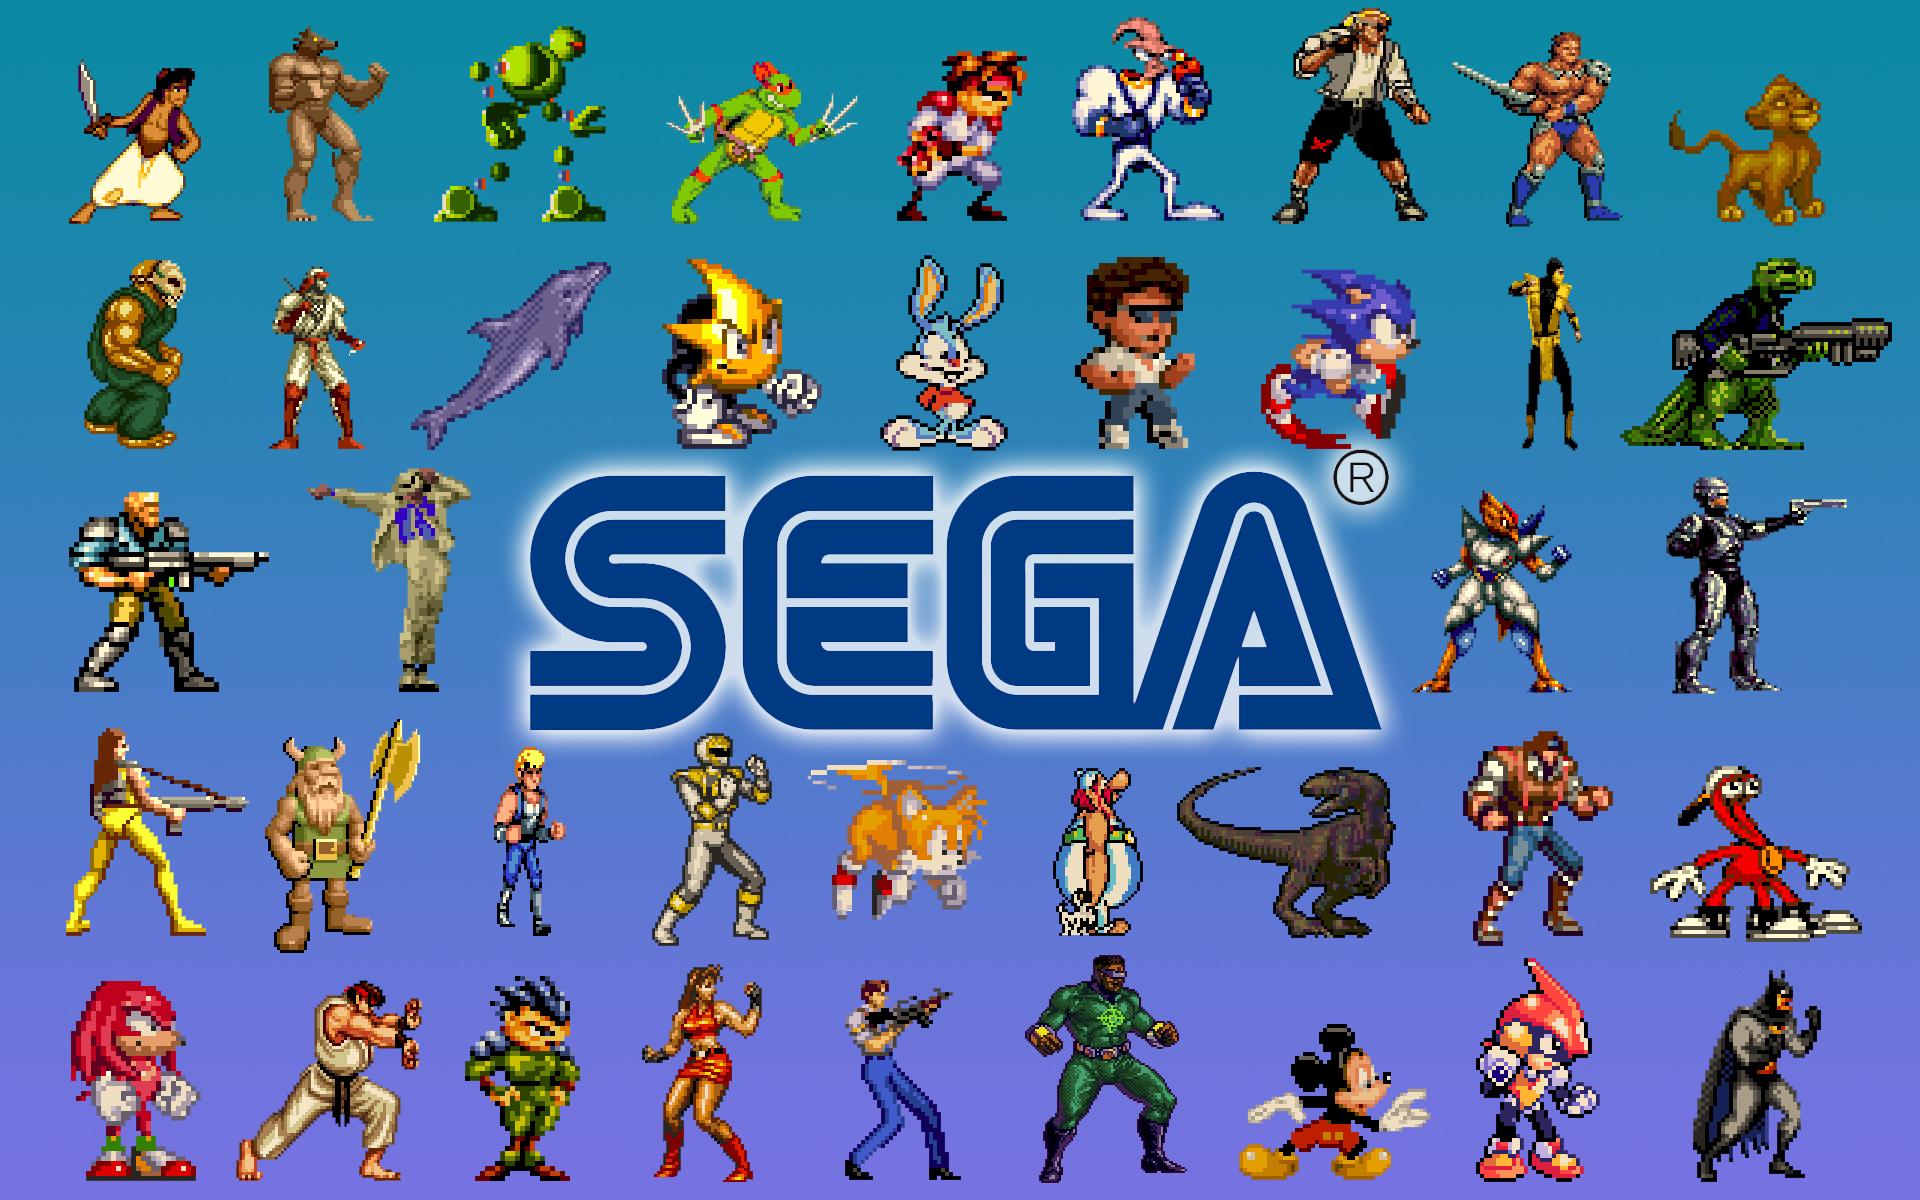 SEGA TGS 2016 Lineup Revealed